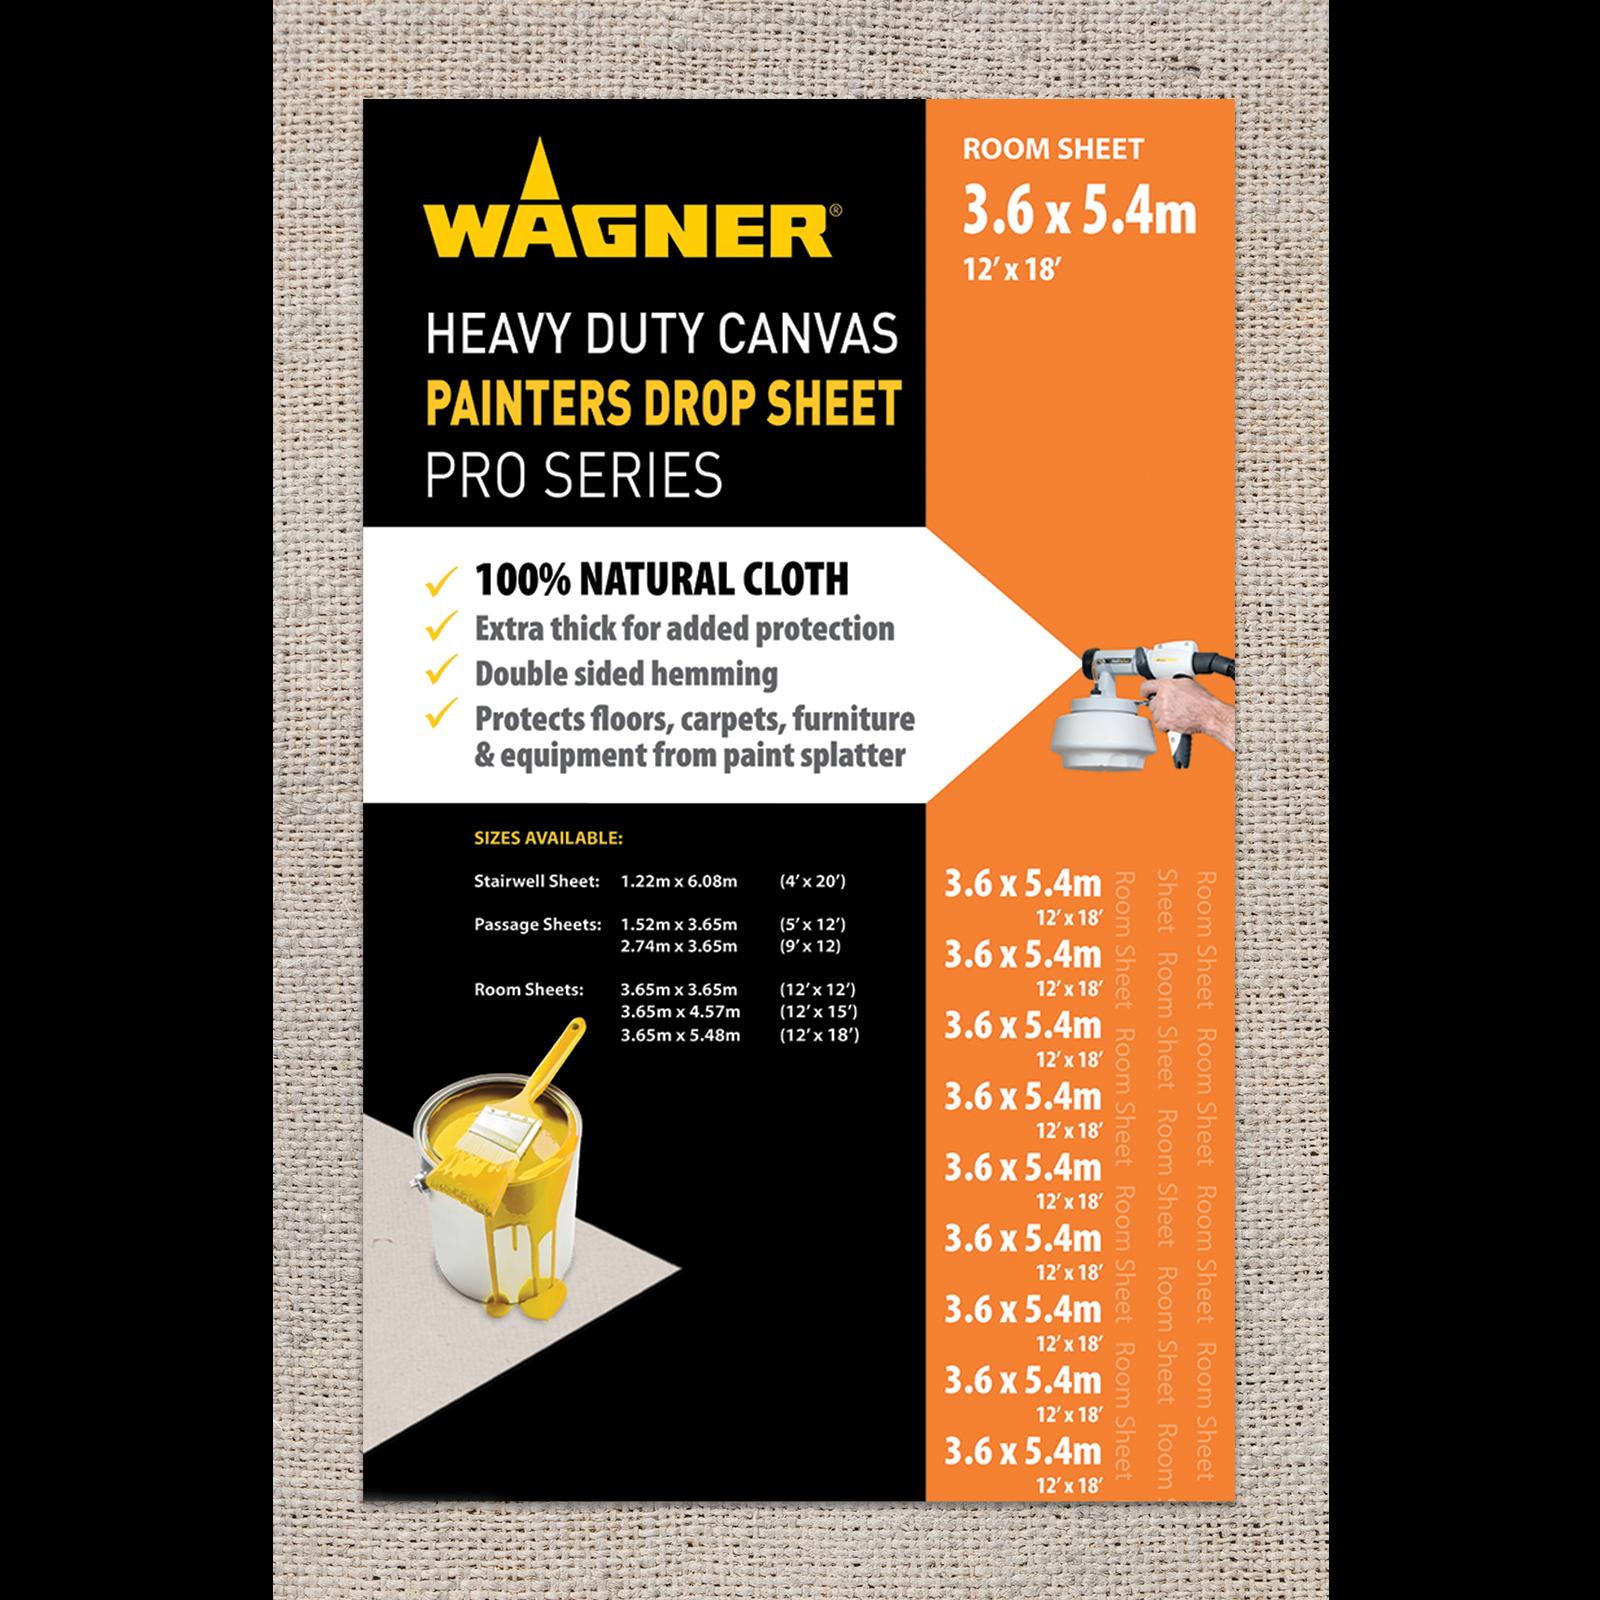 Wagner 3.65 x 5.48m Heavy Duty Canvas Drop Sheet